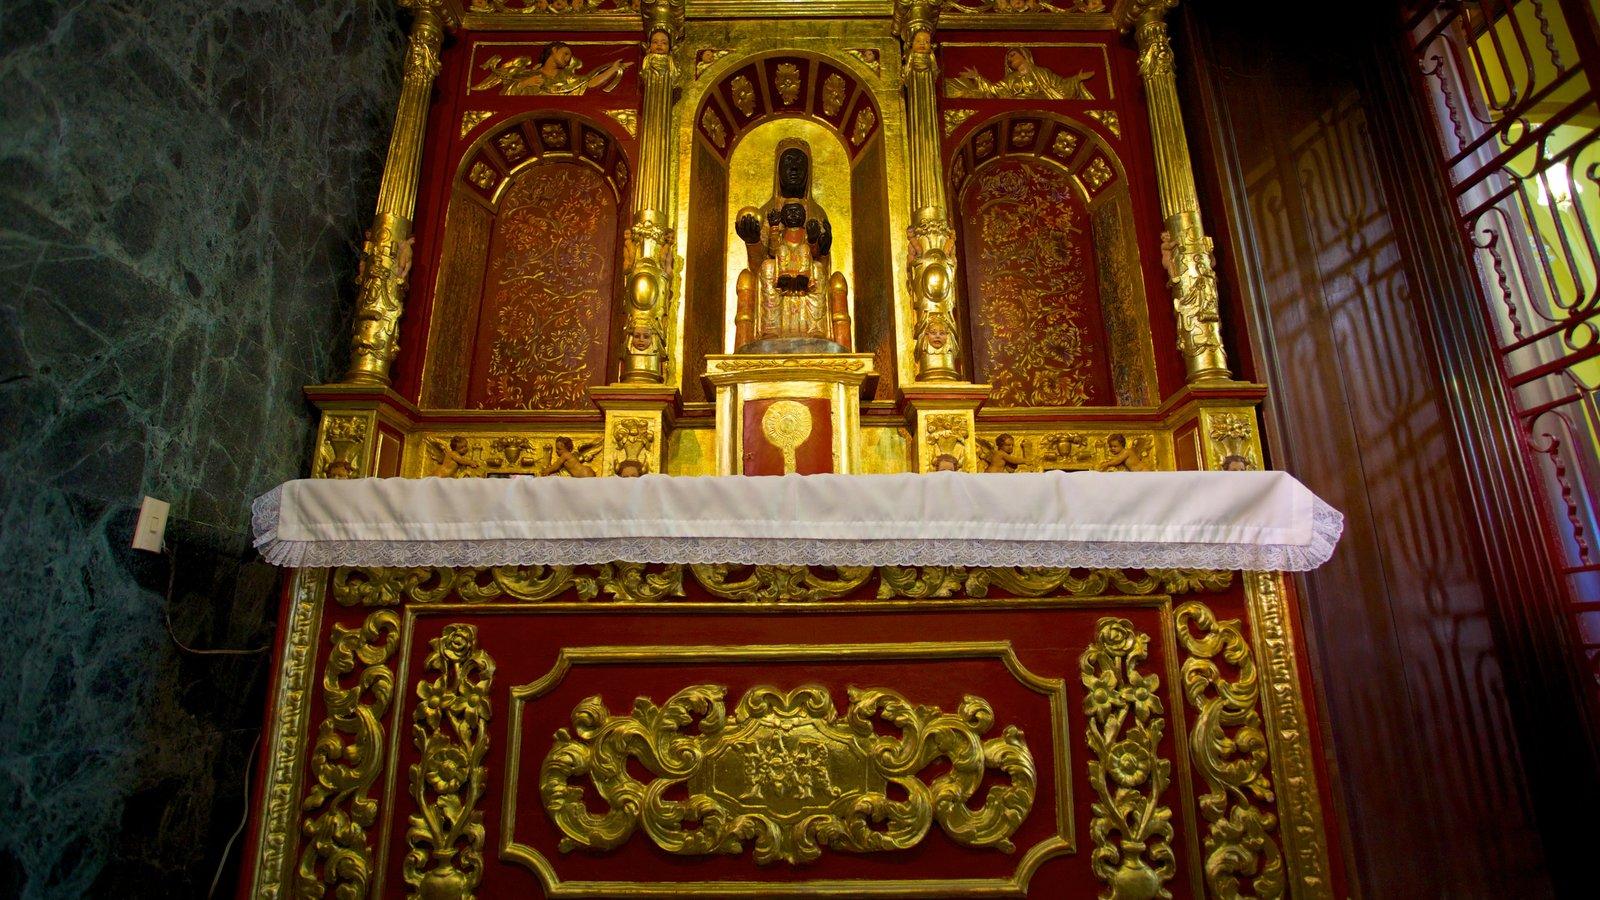 Monserrate que inclui vistas internas, elementos religiosos e uma igreja ou catedral